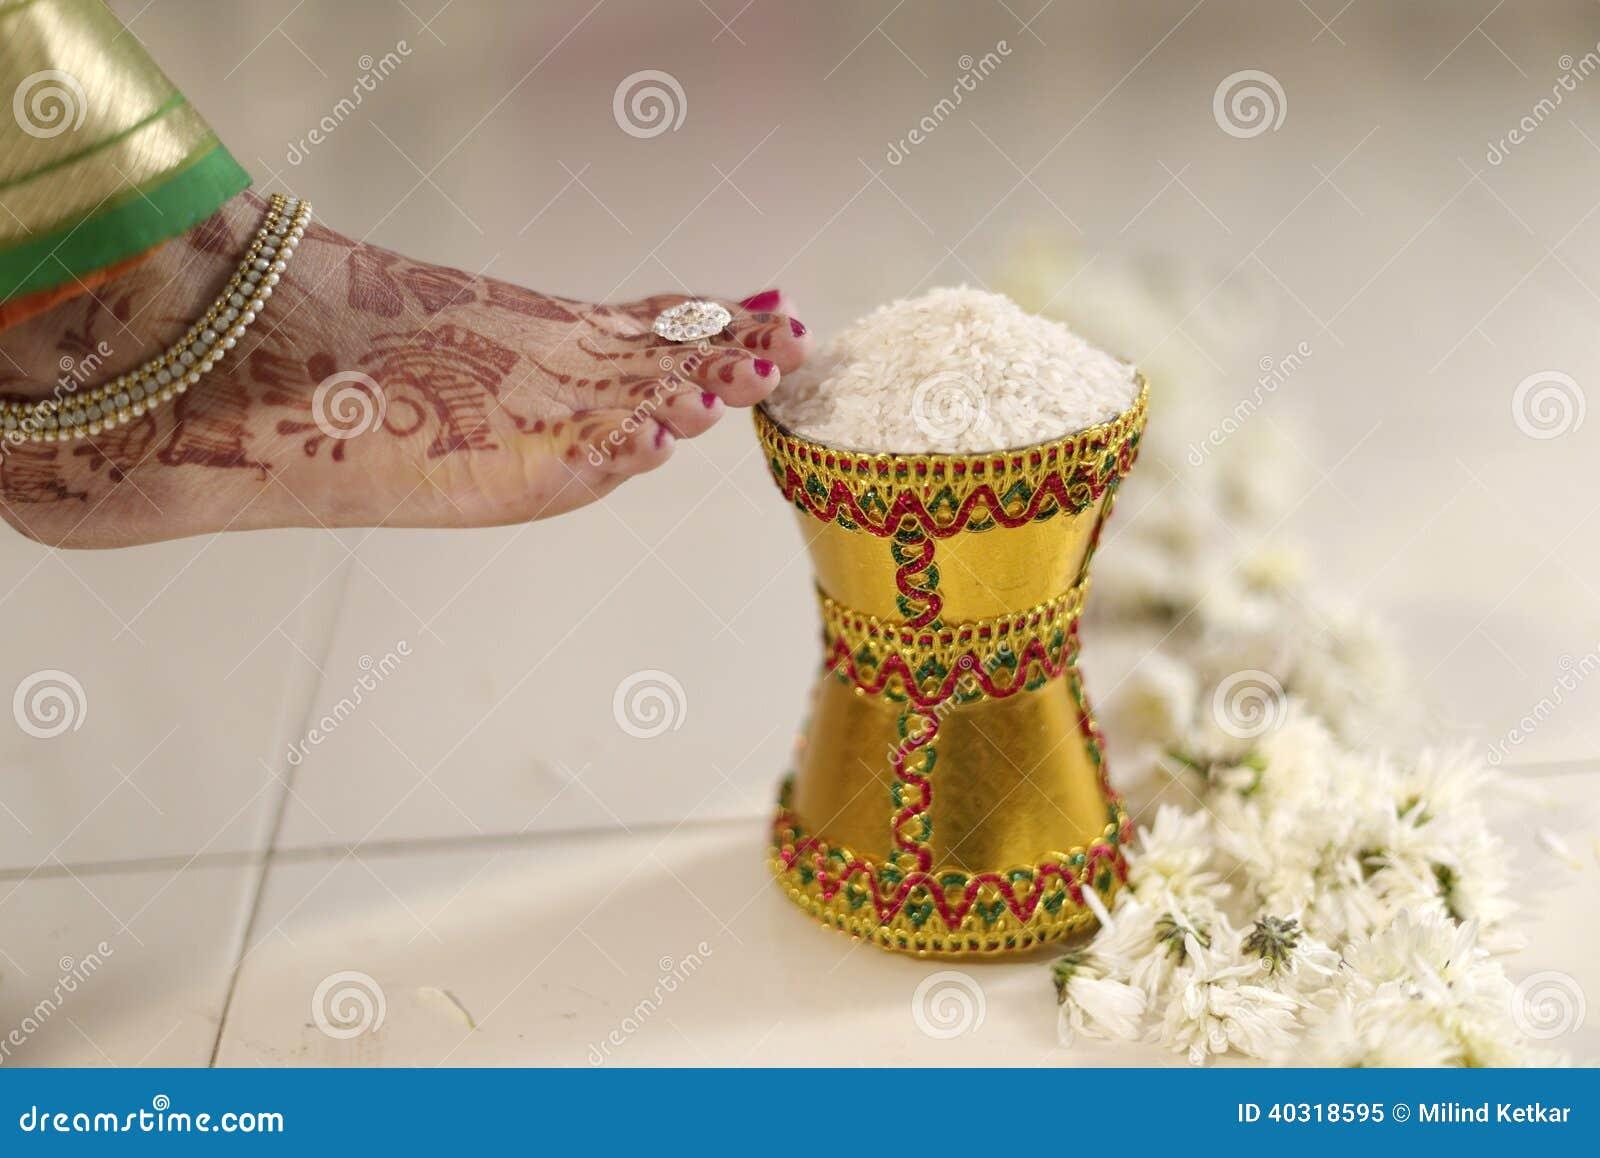 Indiska hinduiska den skrivande in brudgummens för bruden hem, når det har gifta sig vid den driftiga krukan, fyllde med ris med h